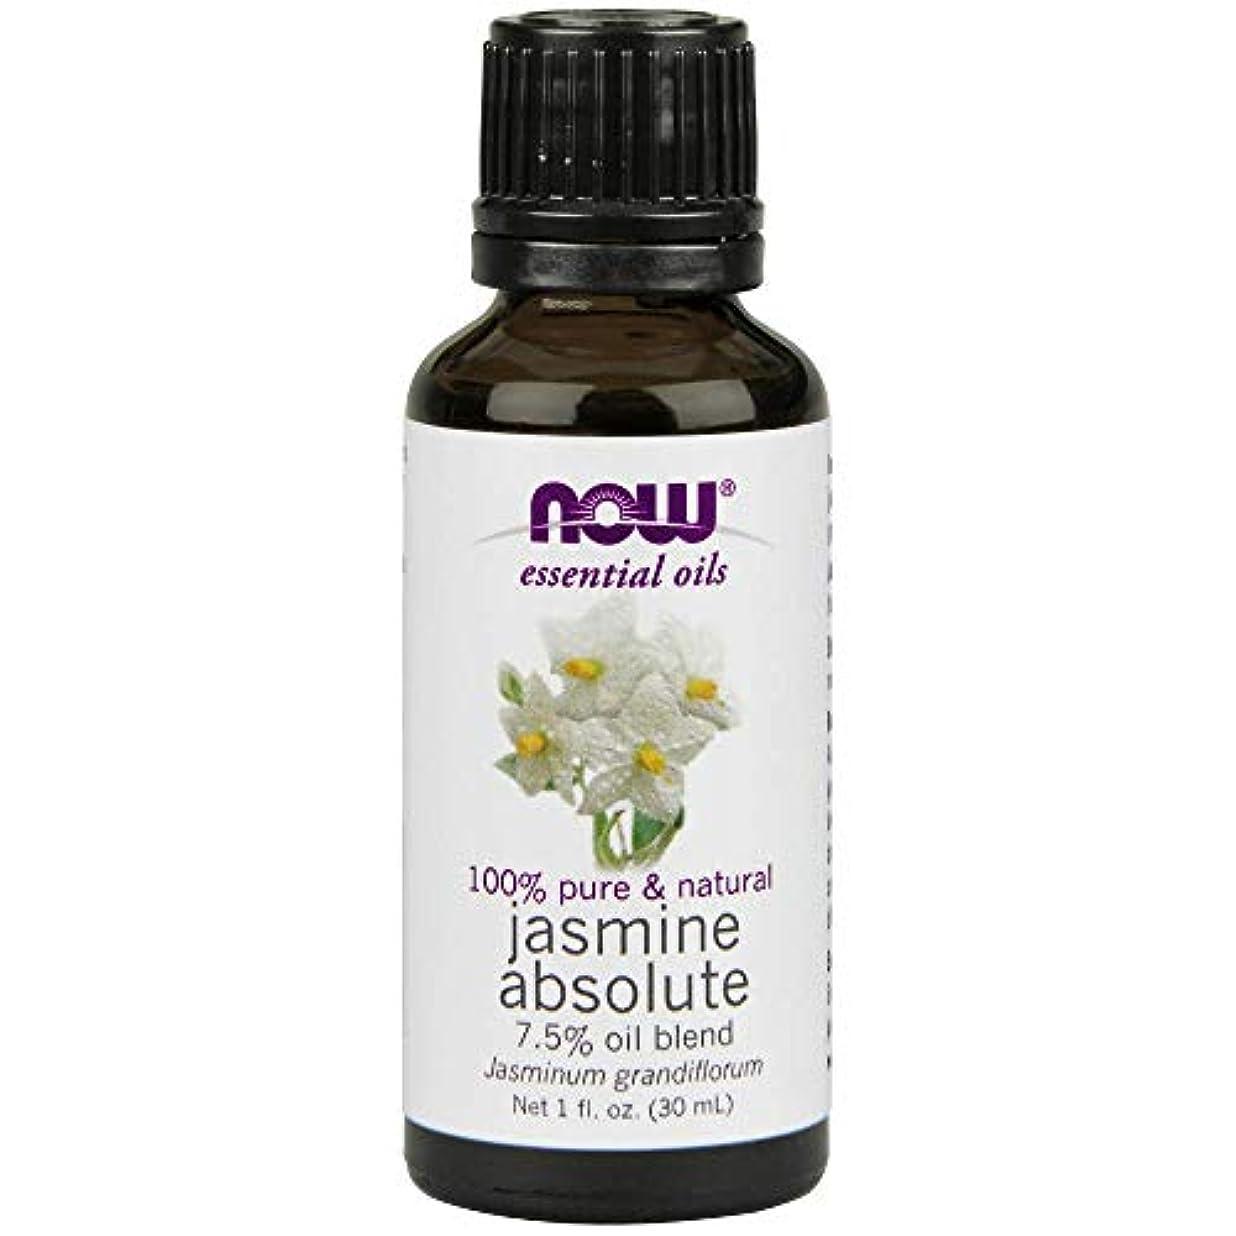 激しいアシスタント力強いNow - Jasmine Absolute Oil 7.5% Oil Blend 1 oz (30 ml) [並行輸入品]